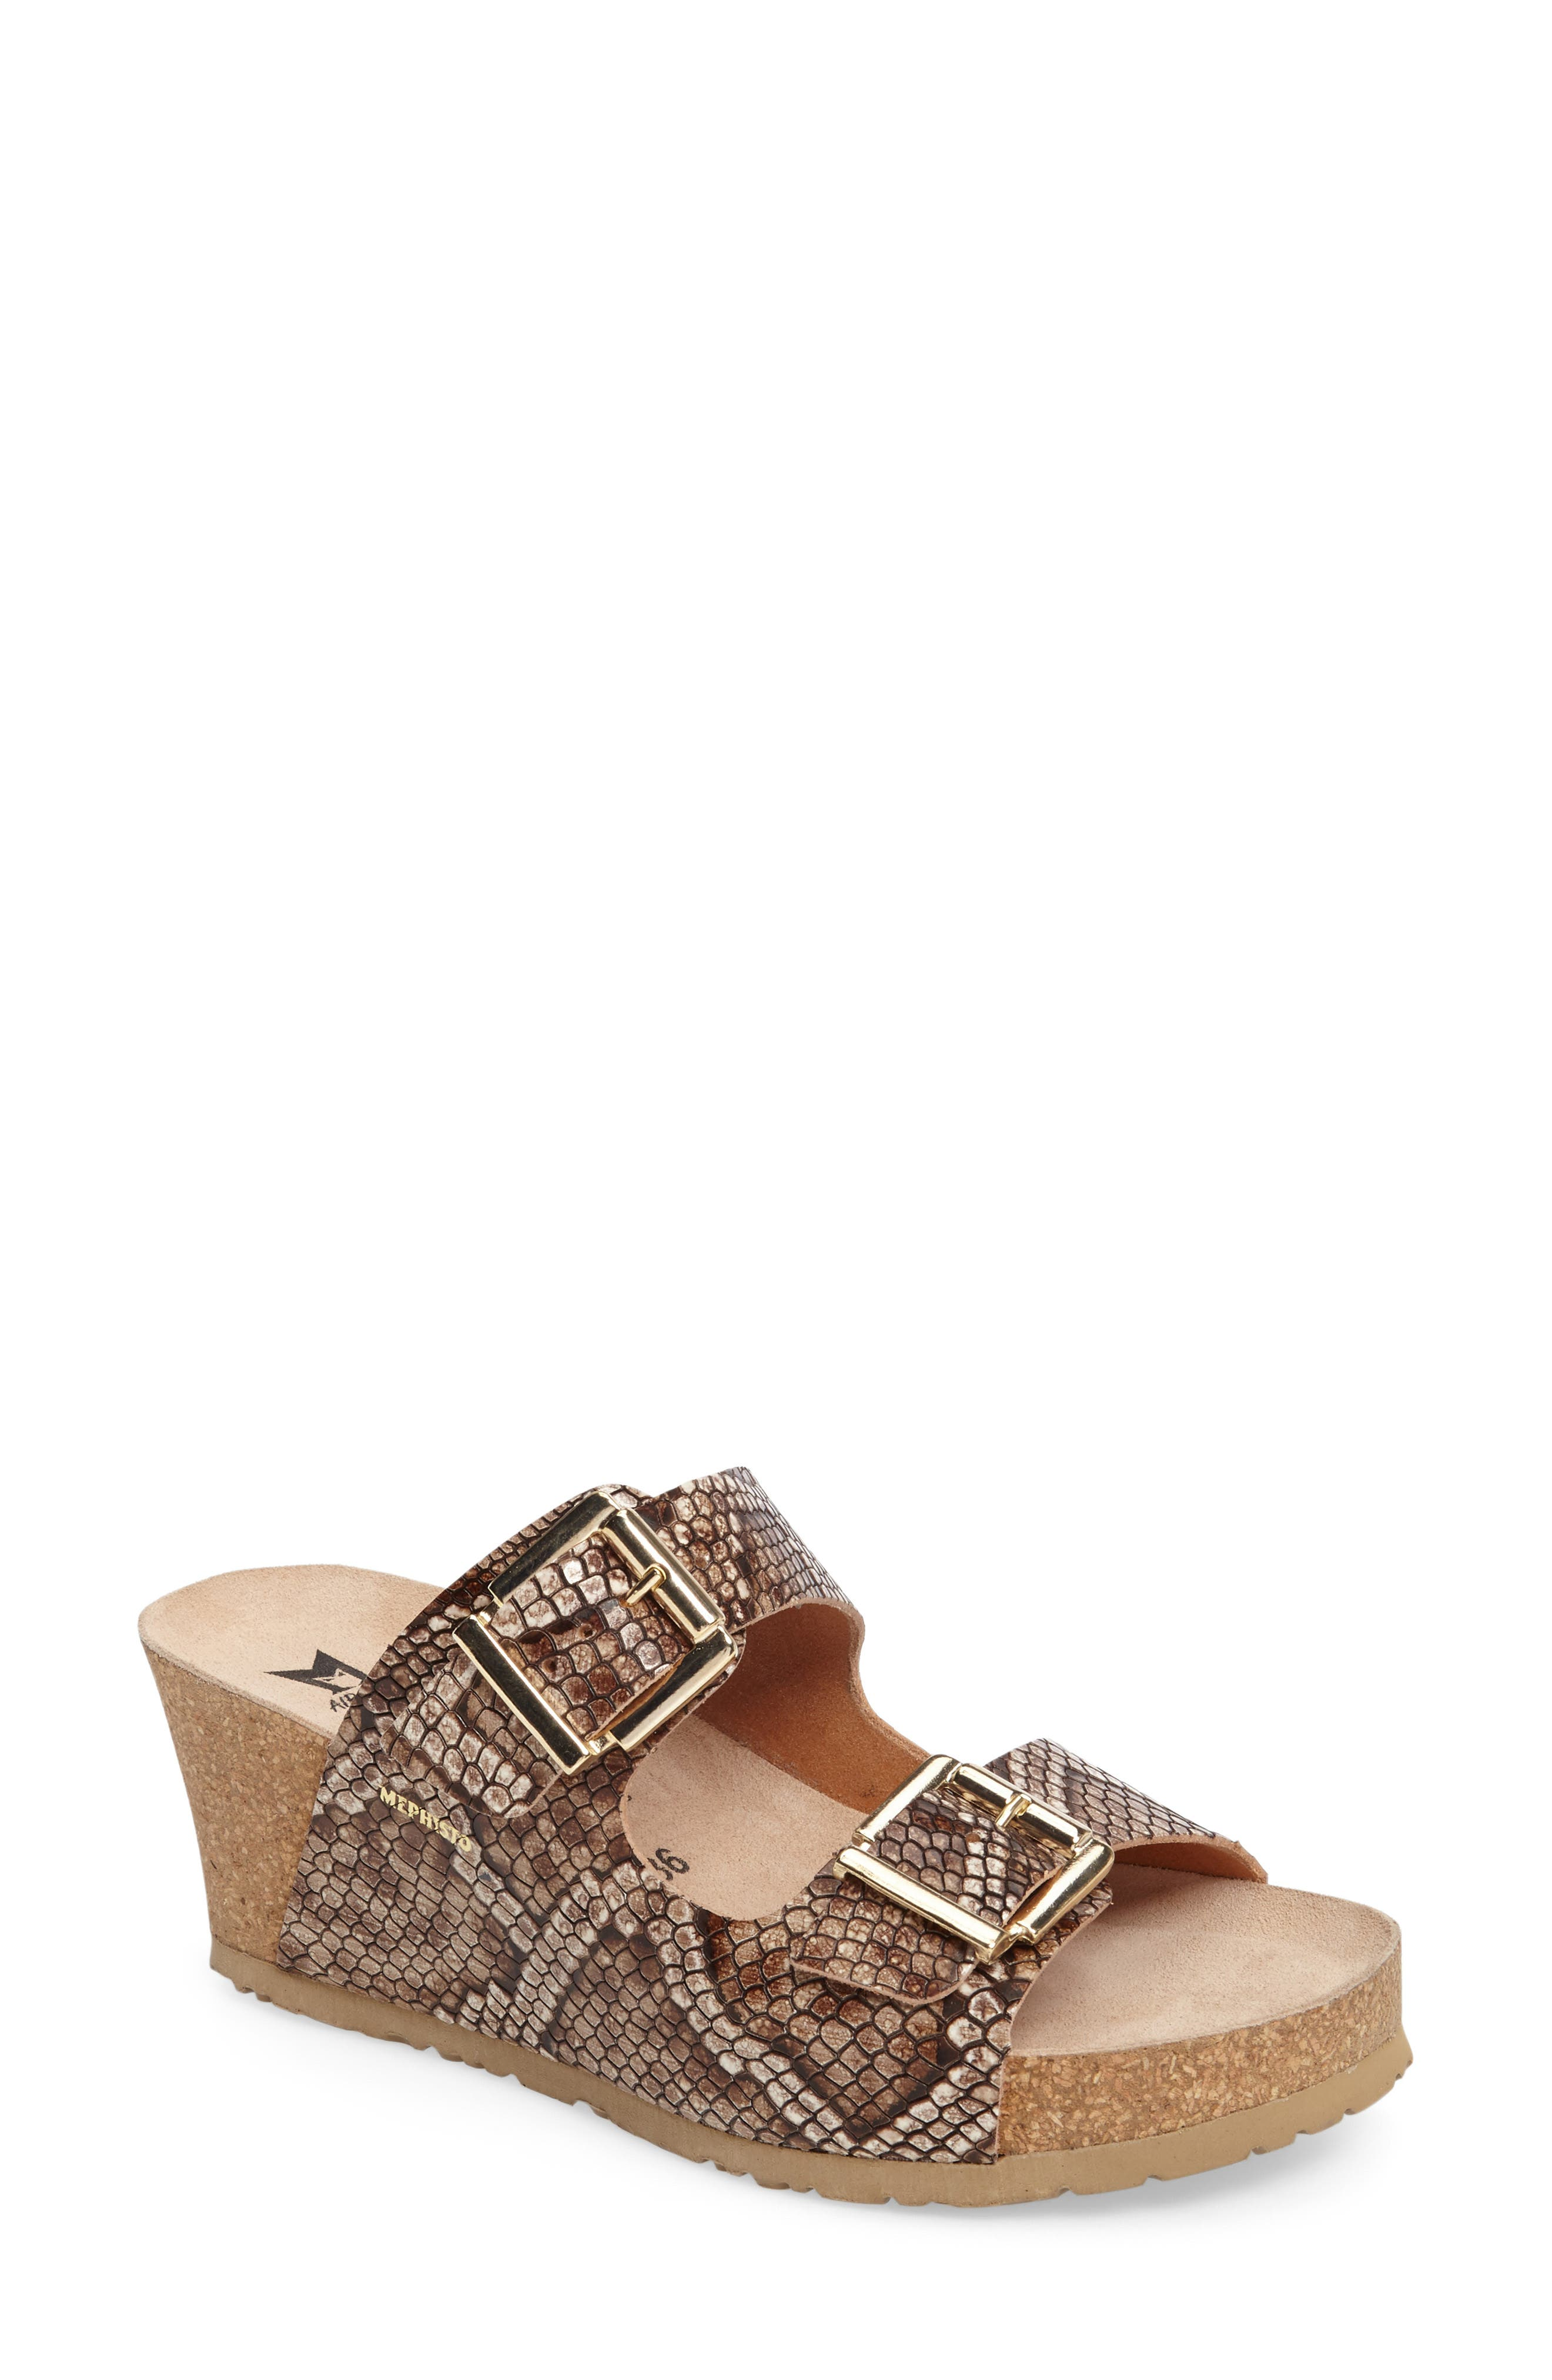 MEPHISTO Lenia Wedge Sandal